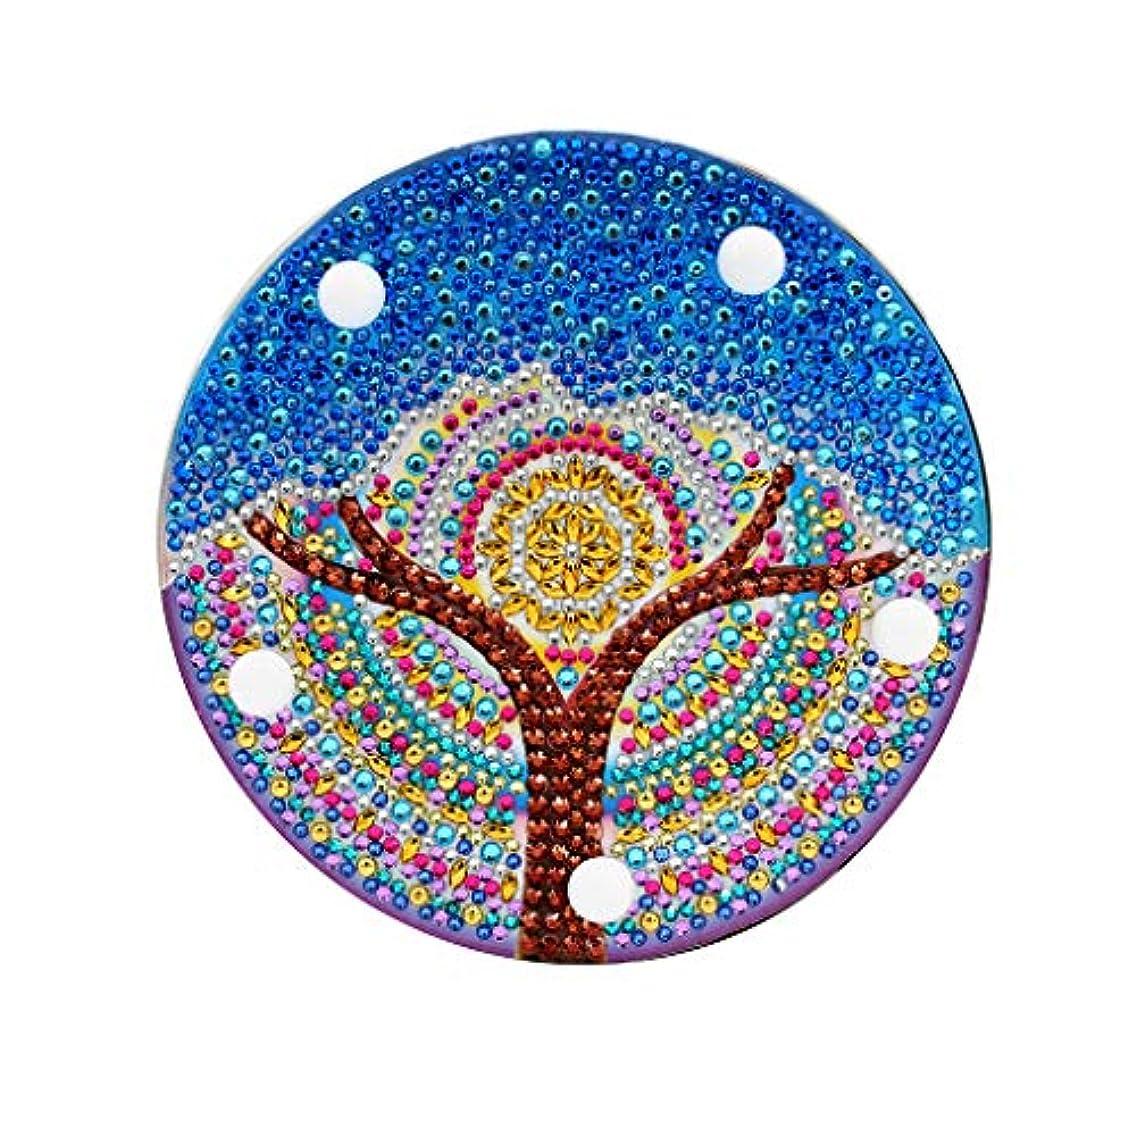 船形論文知っているに立ち寄るBarlingrock バーリングロックDIYダイヤモンド塗装ライト刺繍フルドリル専用ダイヤモンドLEDライトダイヤモンド塗装スタイルランプ(青)